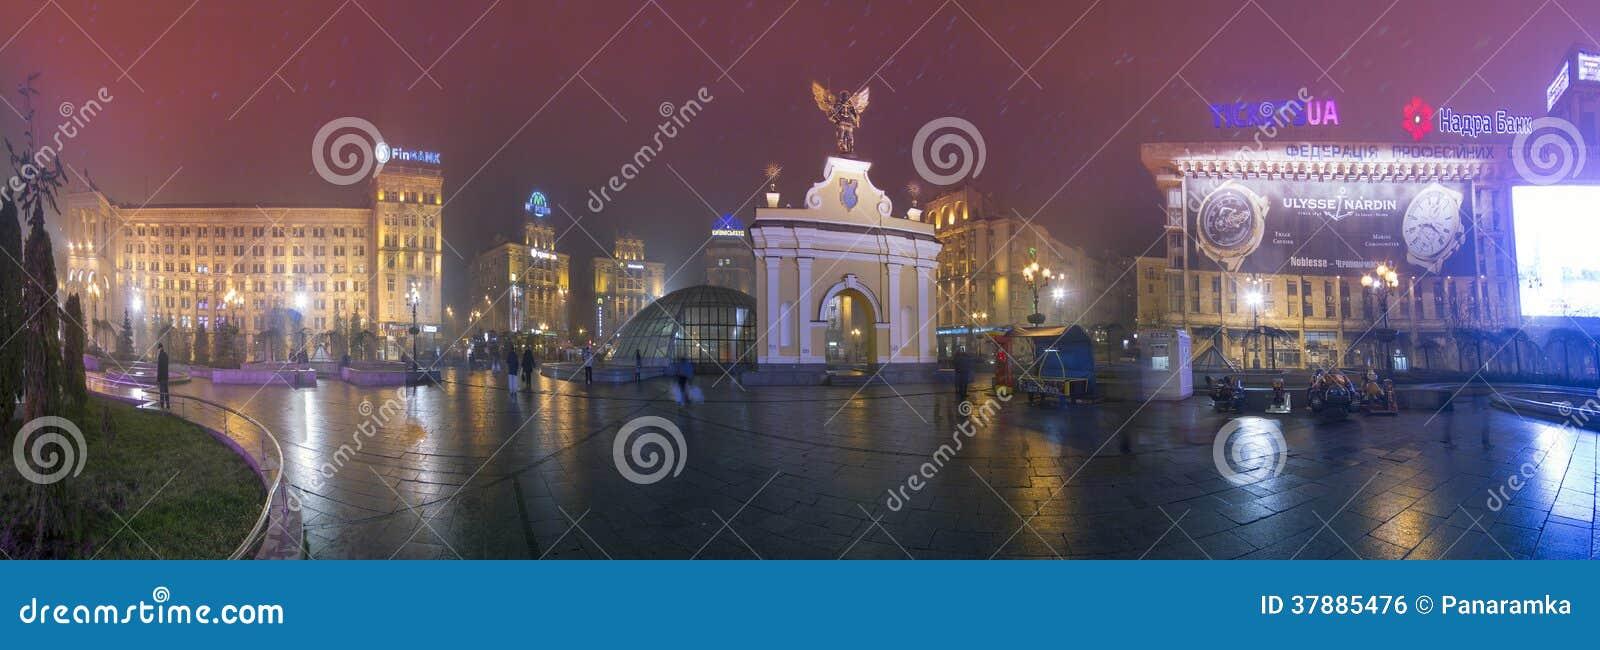 Mening van Arc de Triomphe met een zwarte ange